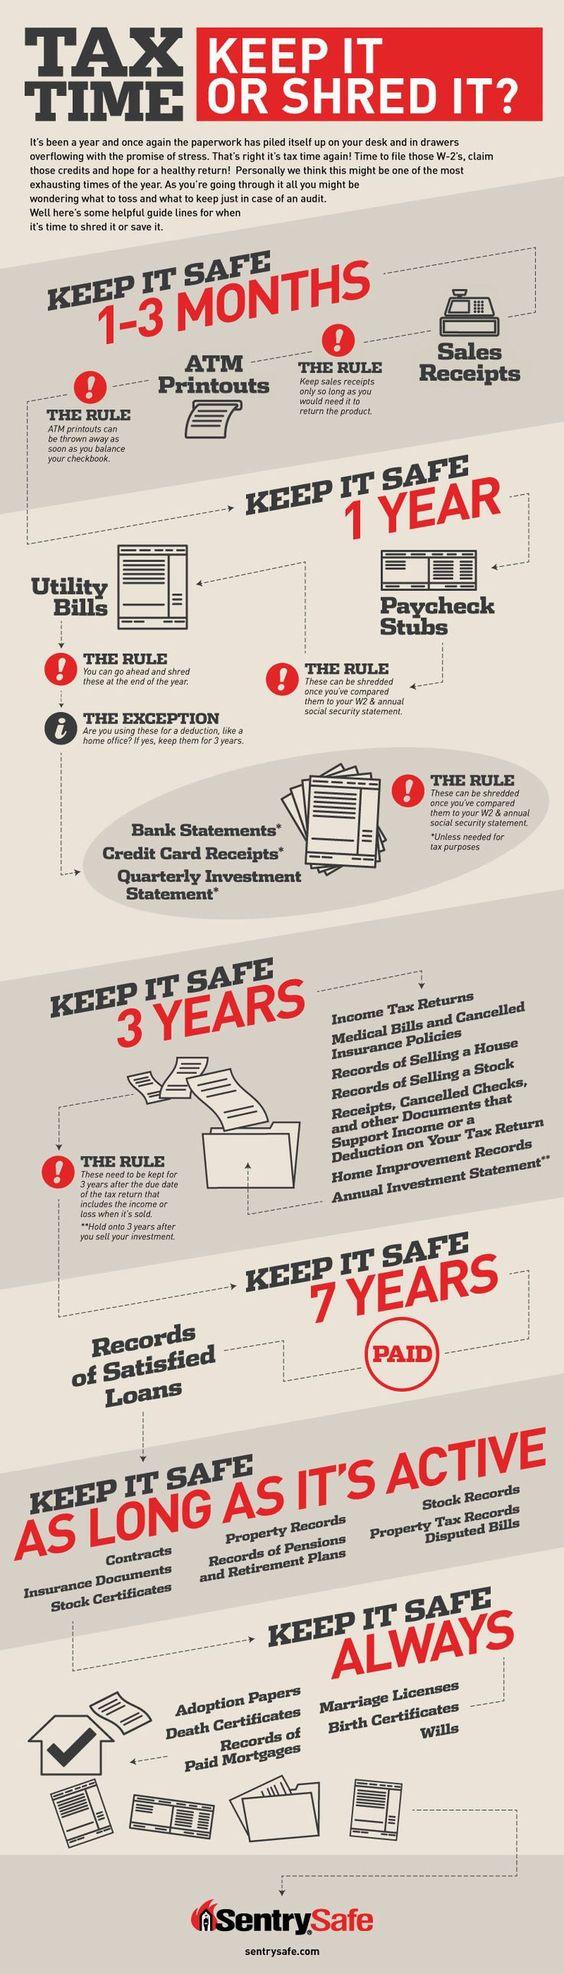 Keep Tax or Shred Tax